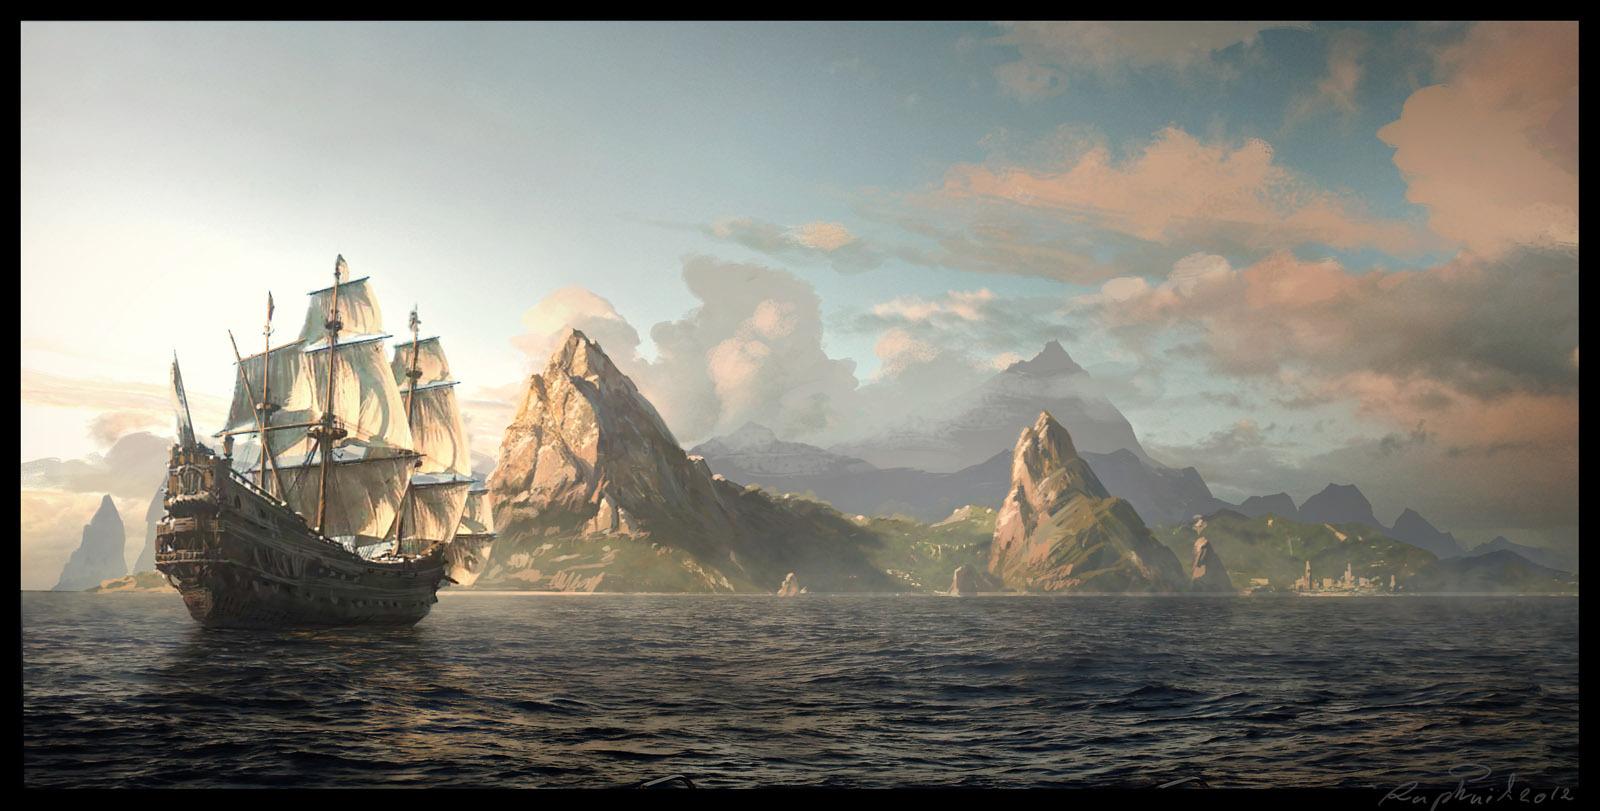 Ένα πλοίο είναι ασφαλές στο λιμάνι, αλλά δεν φτιάχτηκε για να μένει εκεί. [G.A. Shedd]